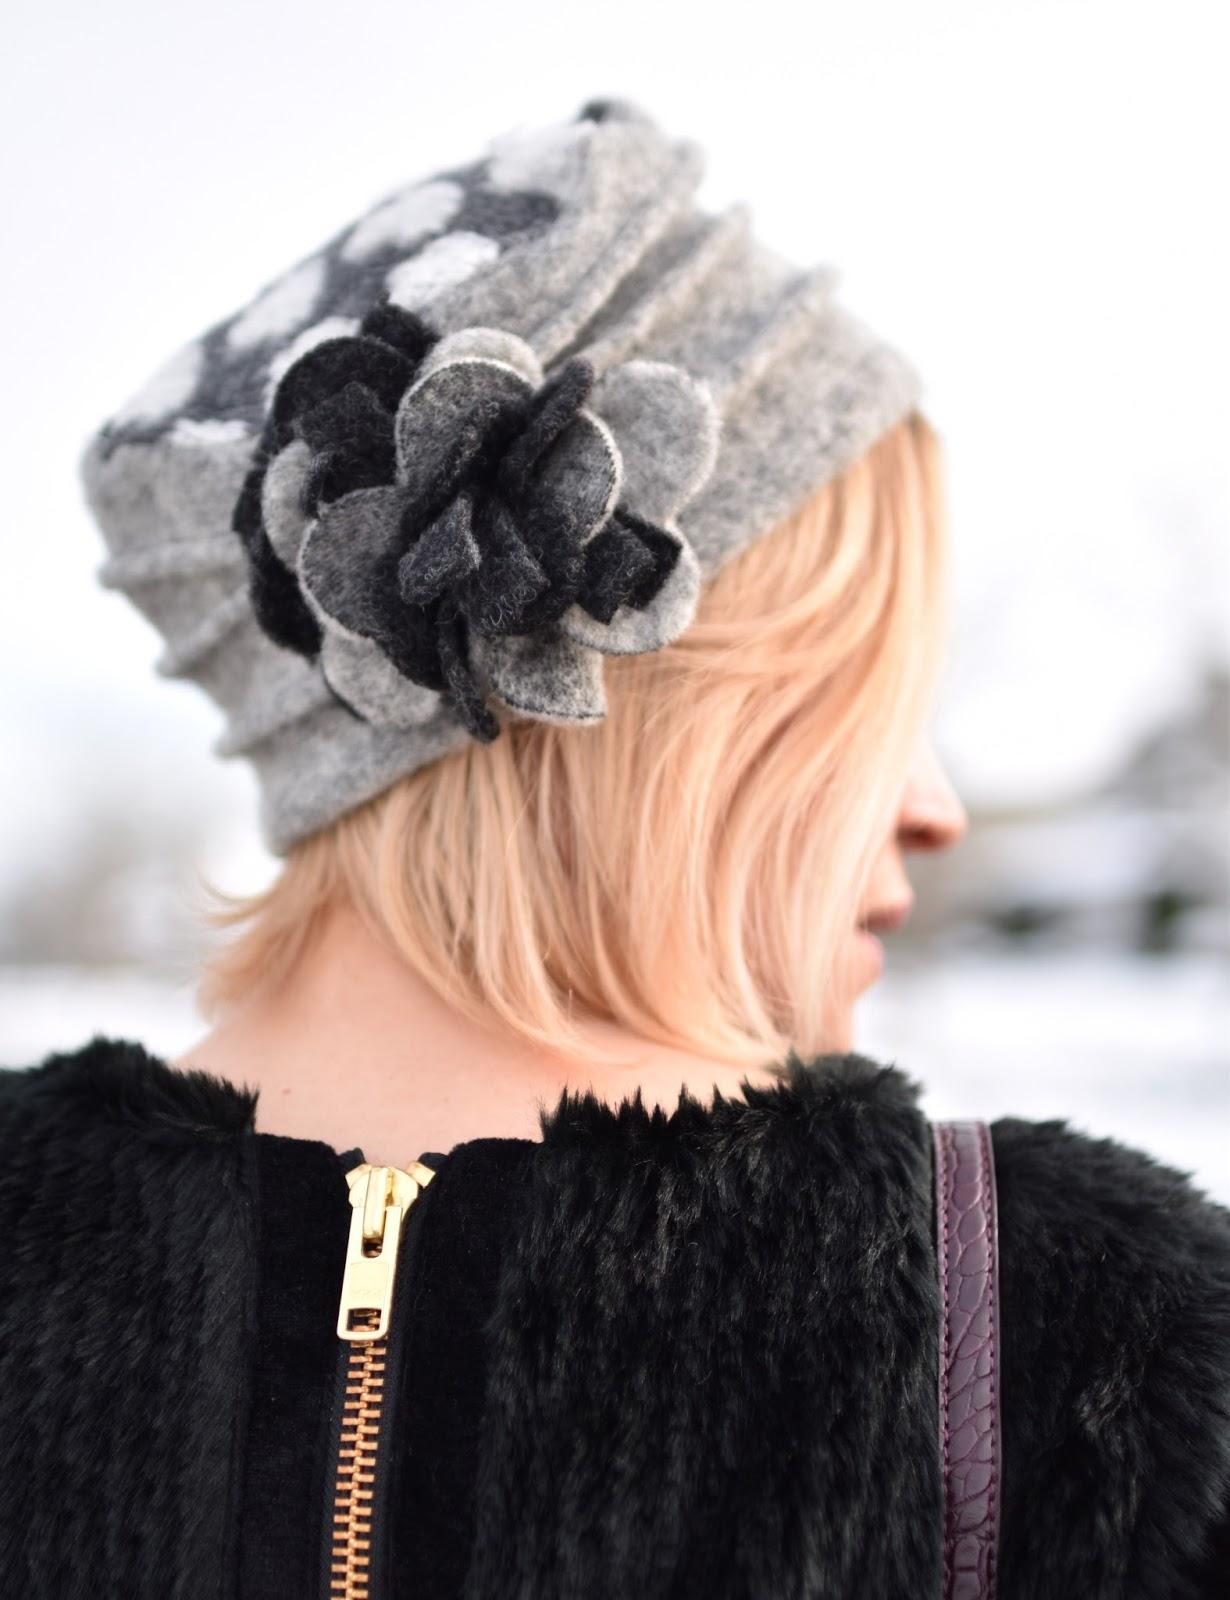 Monika Faulkner outfit inspiration - faux-fur pullover, flower-embellished felt hat